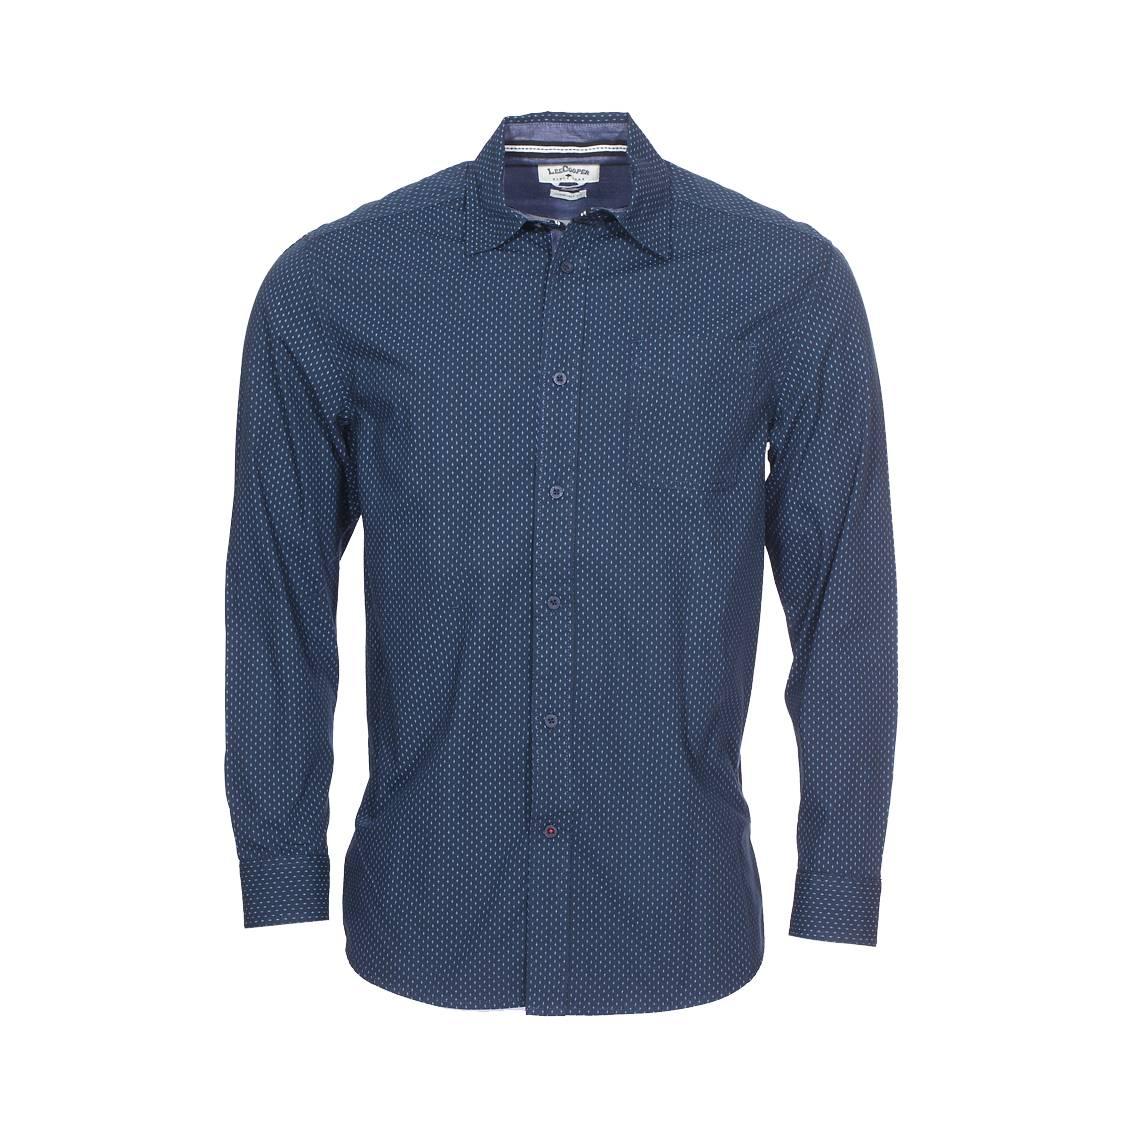 Chemise ample  duned en coton bleu marine à motif fantaisie bleu ciel